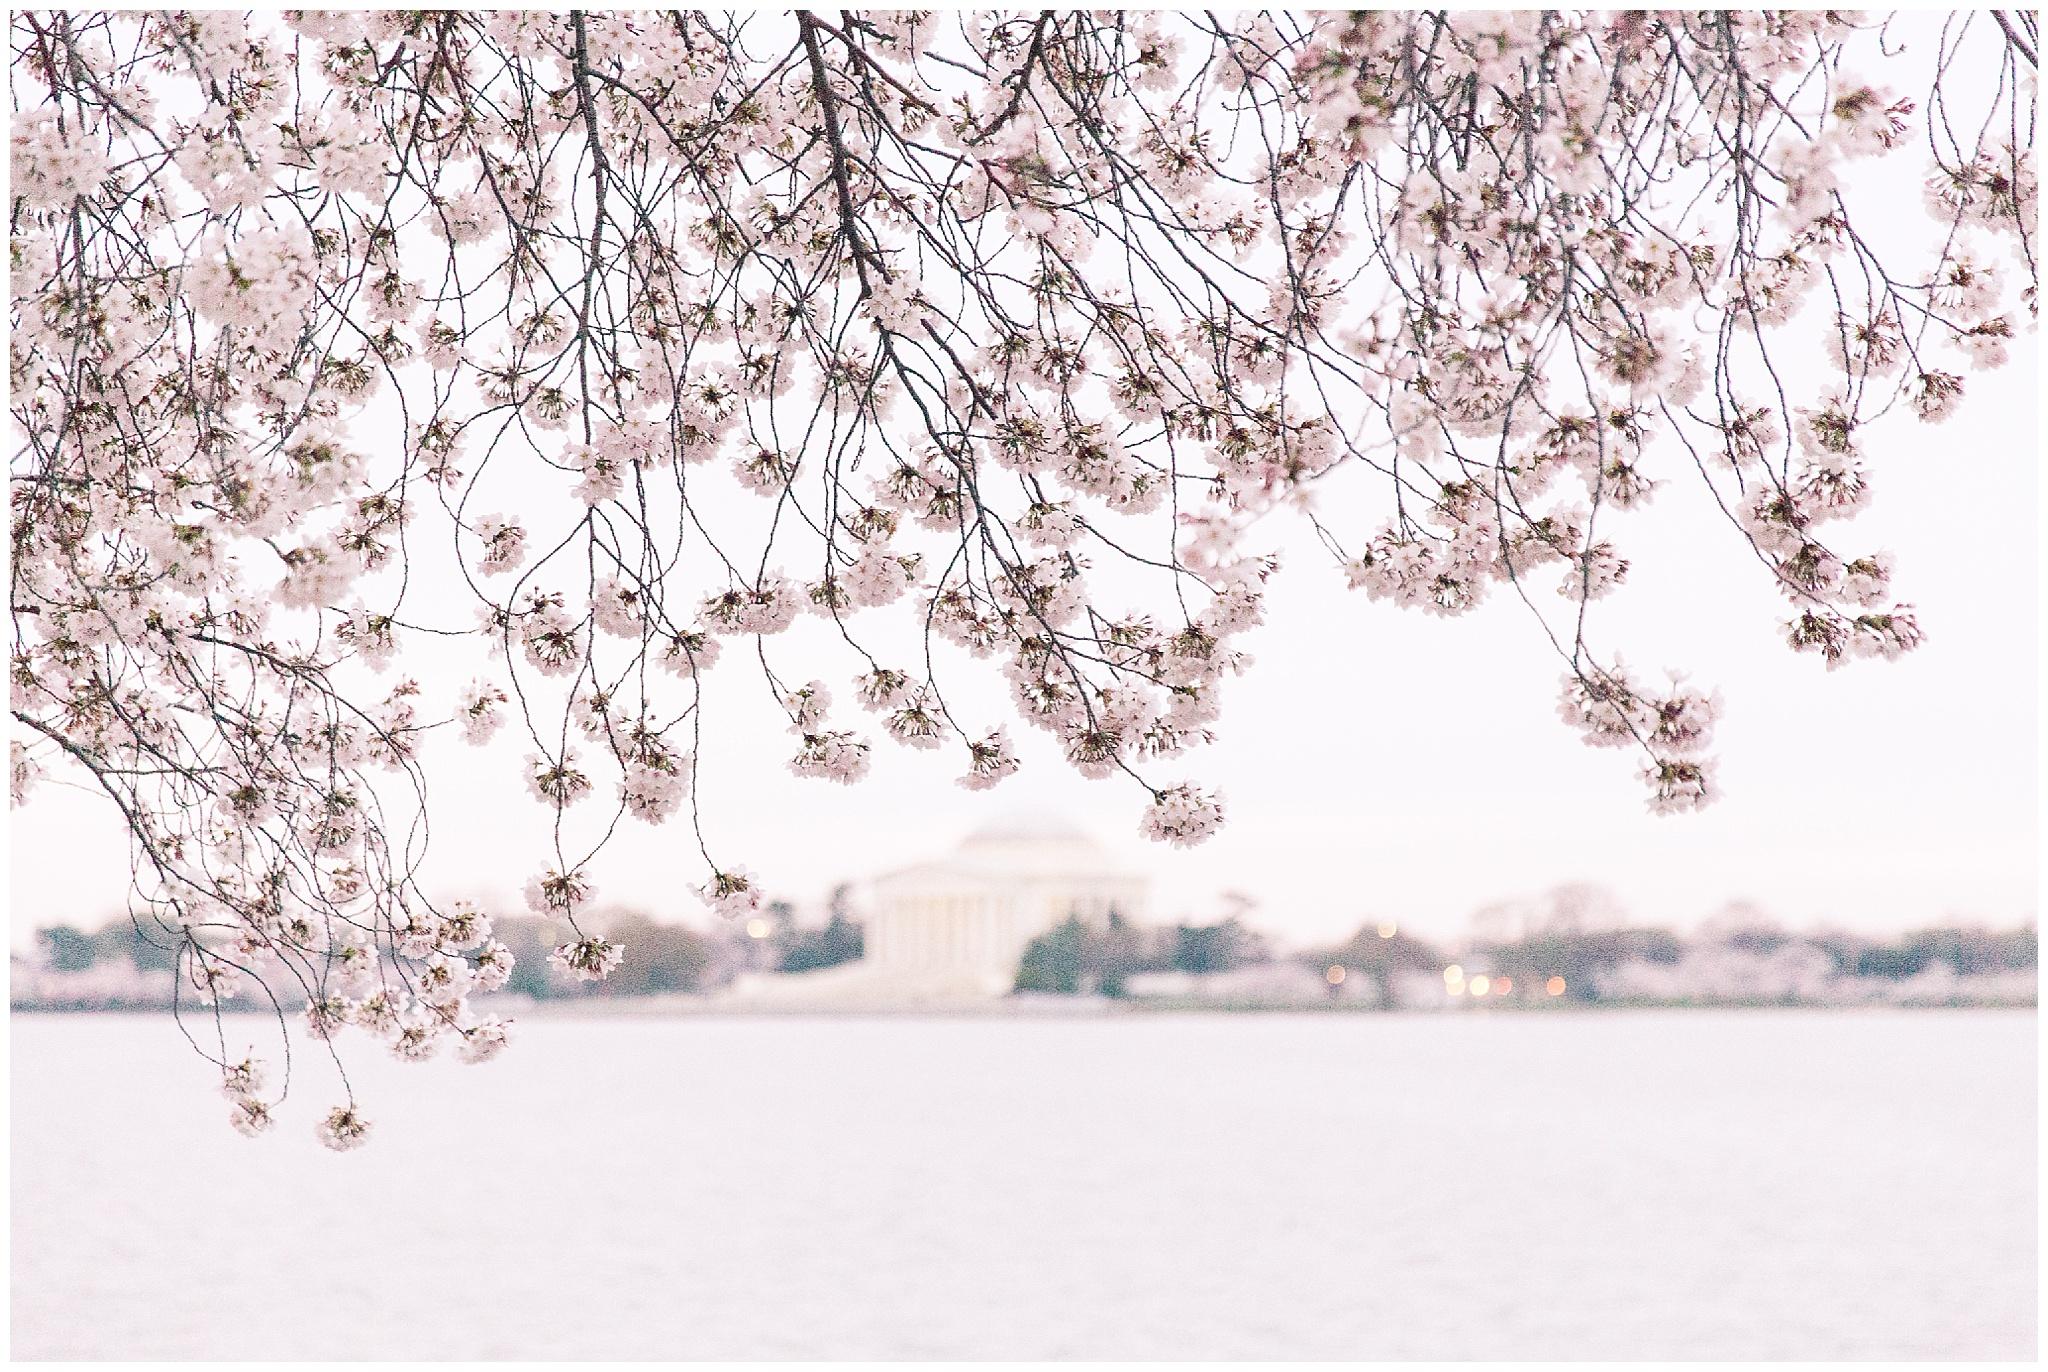 cherryblossoms_0006.jpg